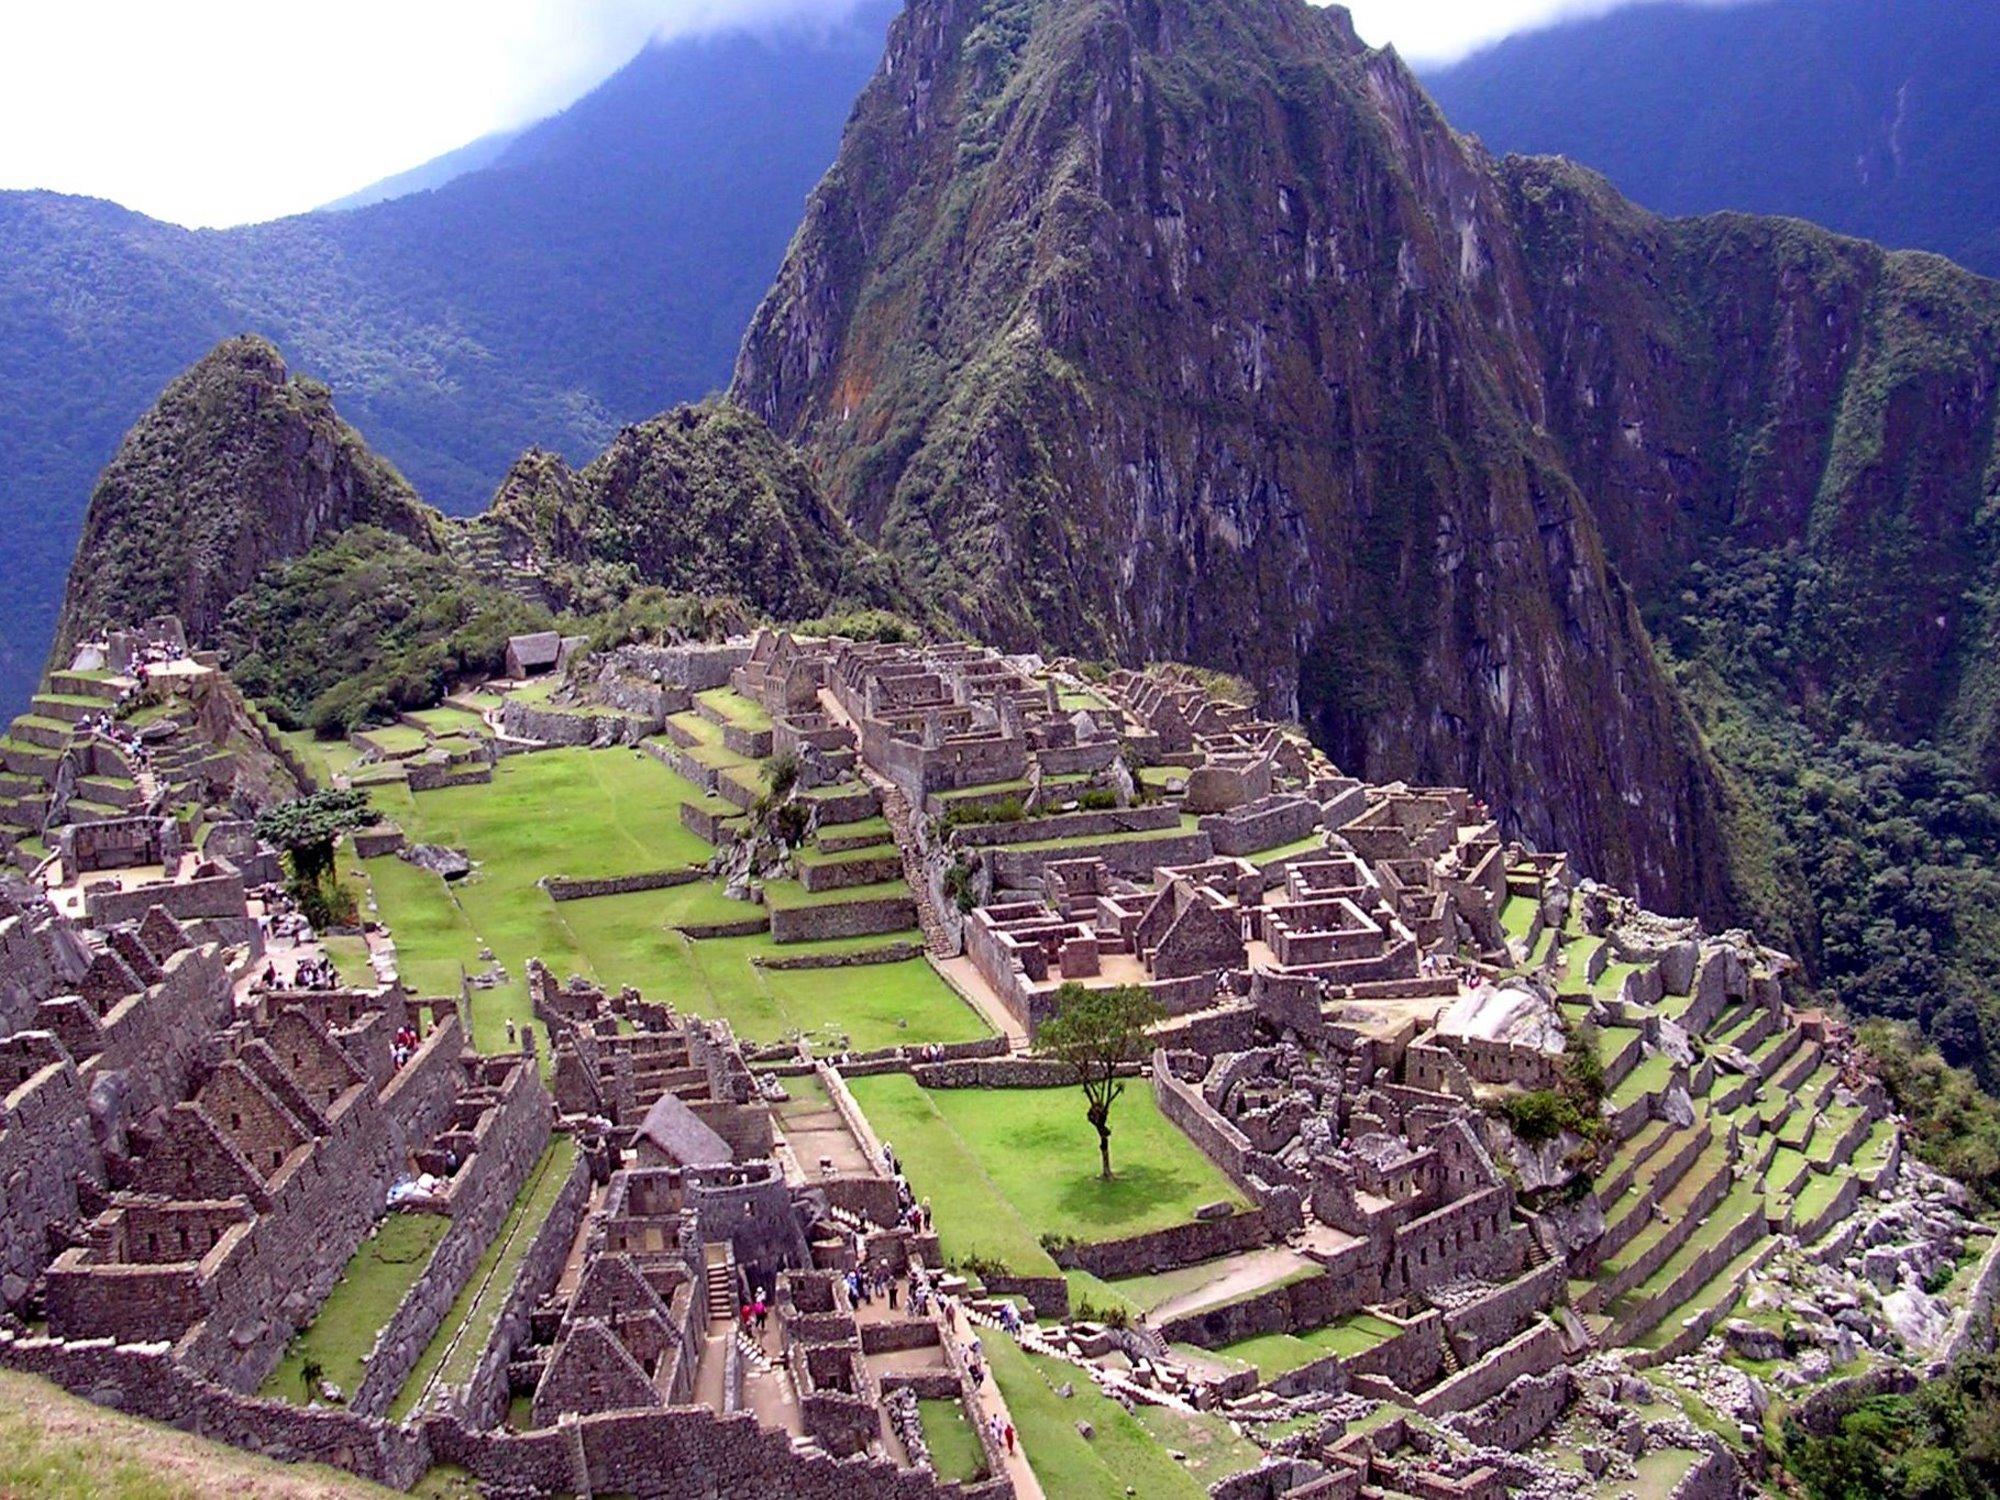 Μάτσου Πίτσου άνοιξε για έναν τουρίστα που εξερεύνησε το μοναδικό μνημείο από ψηλά